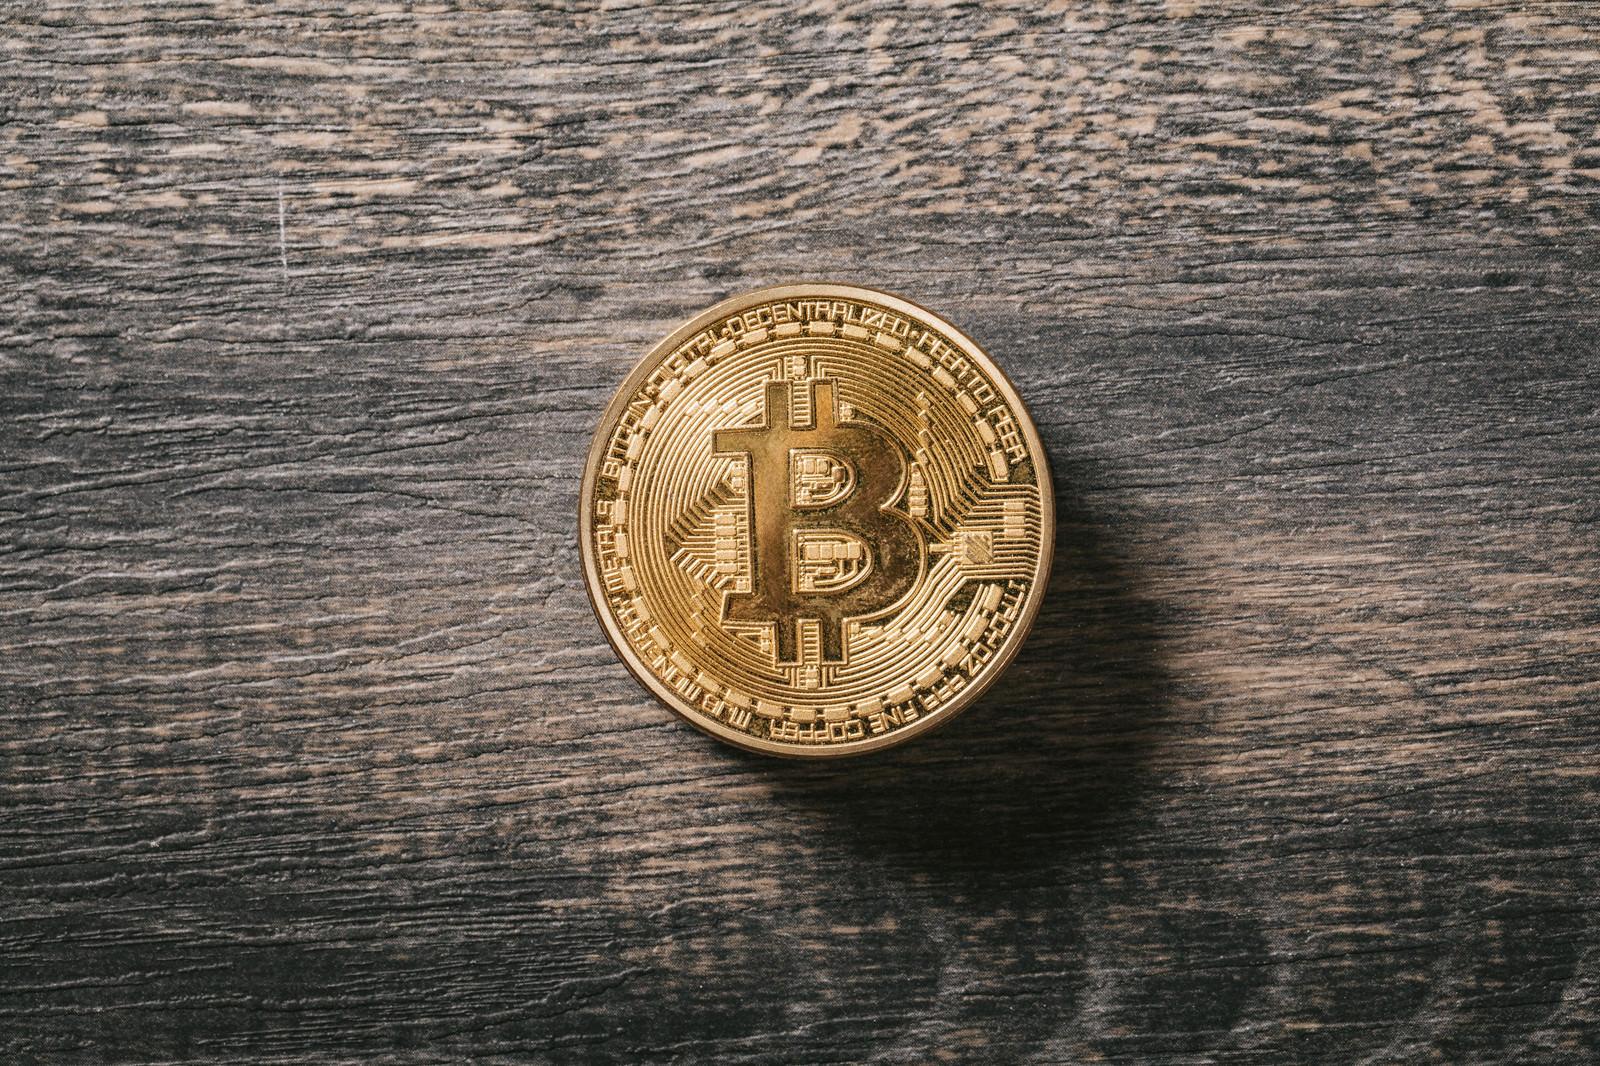 「ビットコインの金貨ビットコインの金貨」のフリー写真素材を拡大